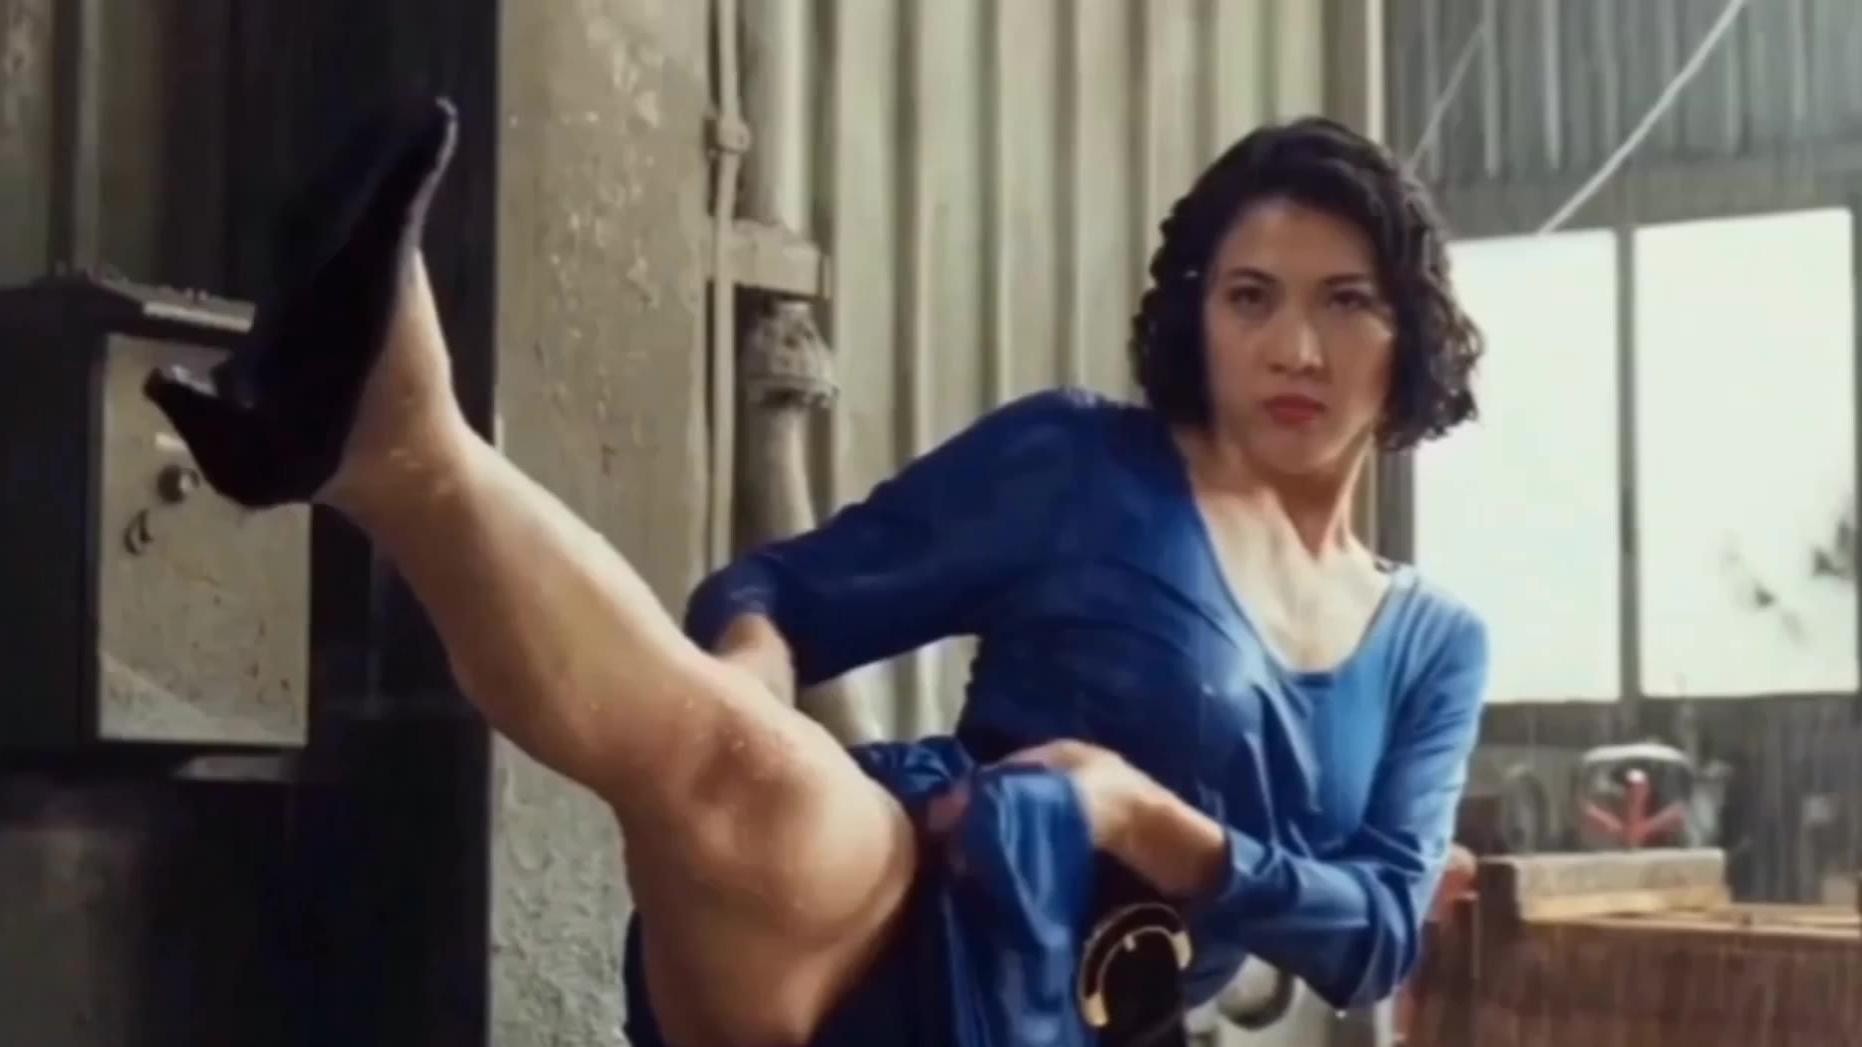 动作片中10位强悍打女,拳拳到肉场面,个个都是狠角色